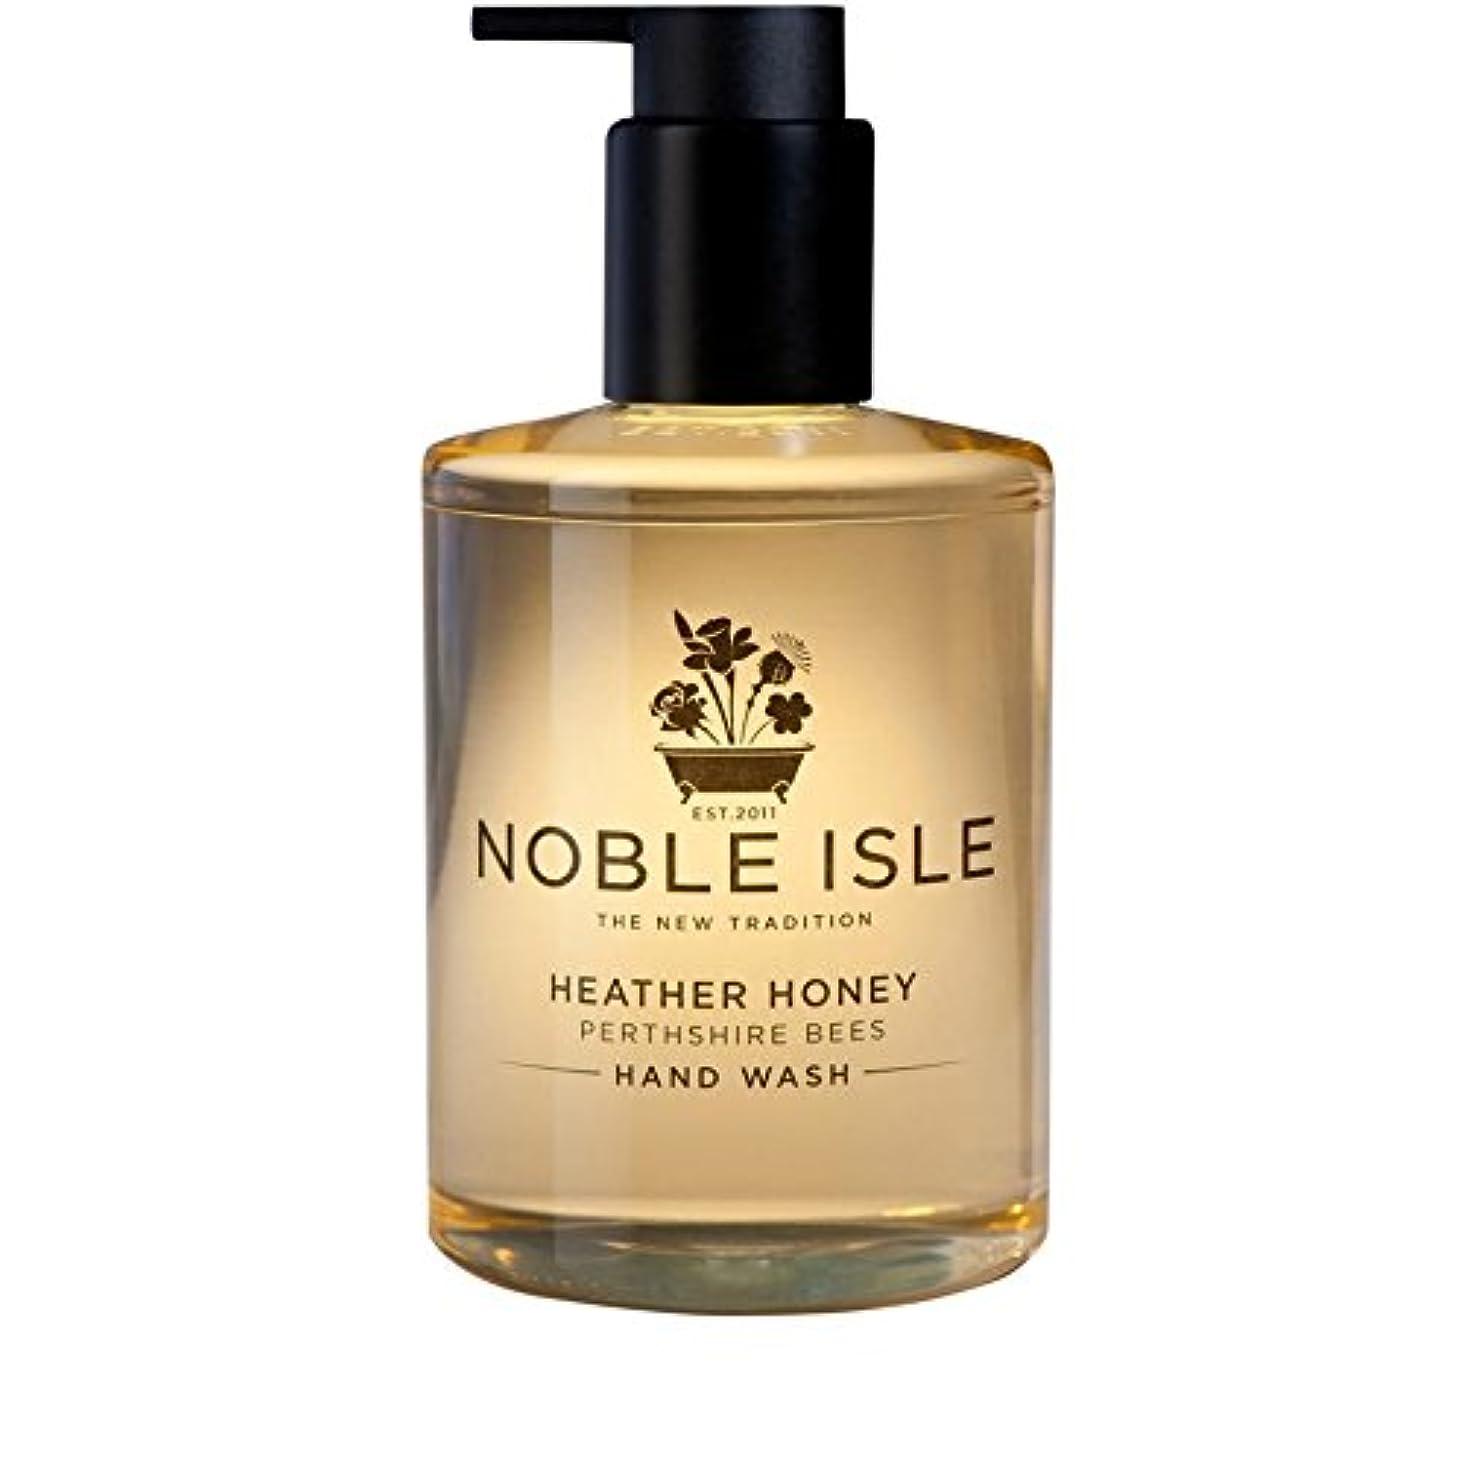 意志に反する通知ジョイントNoble Isle Heather Honey Perthshire Bees Hand Wash 250ml - 高貴な島杢蜂蜜パースシャー蜂のハンドウォッシュ250ミリリットル [並行輸入品]